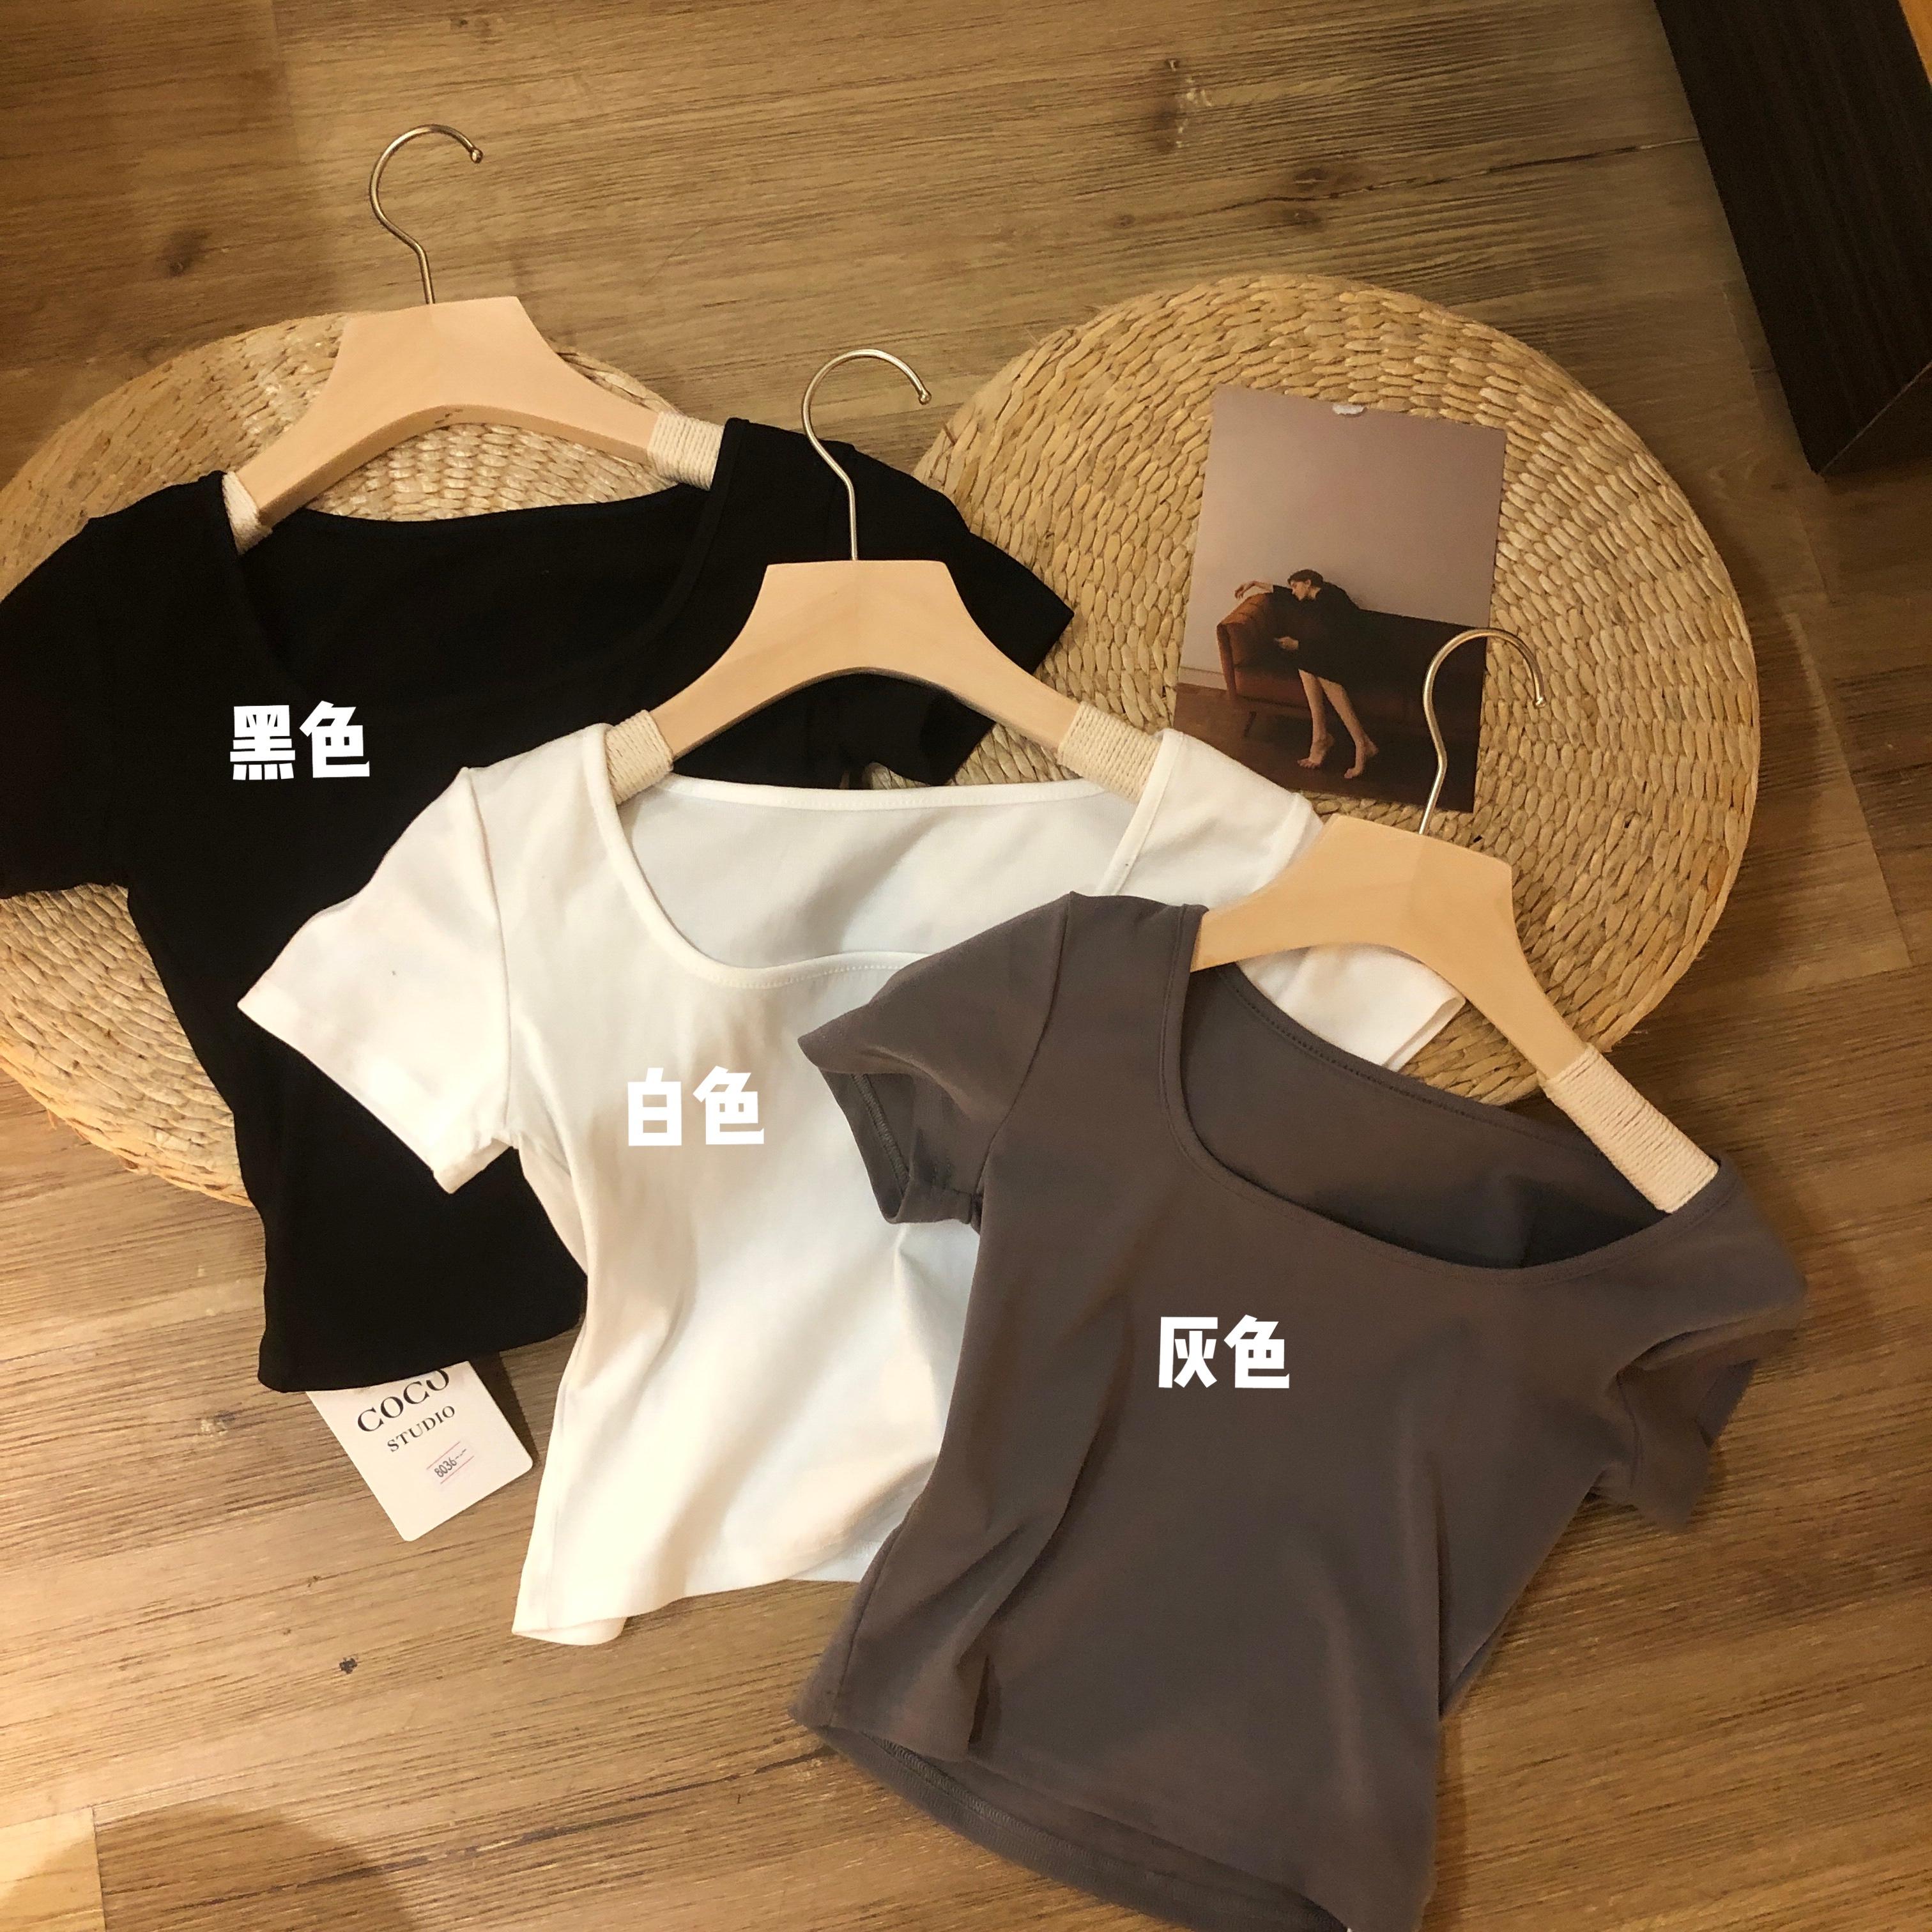 樊樊 锁骨短袖修身T恤女百搭短款性感上衣2021年新款春打底衫早安